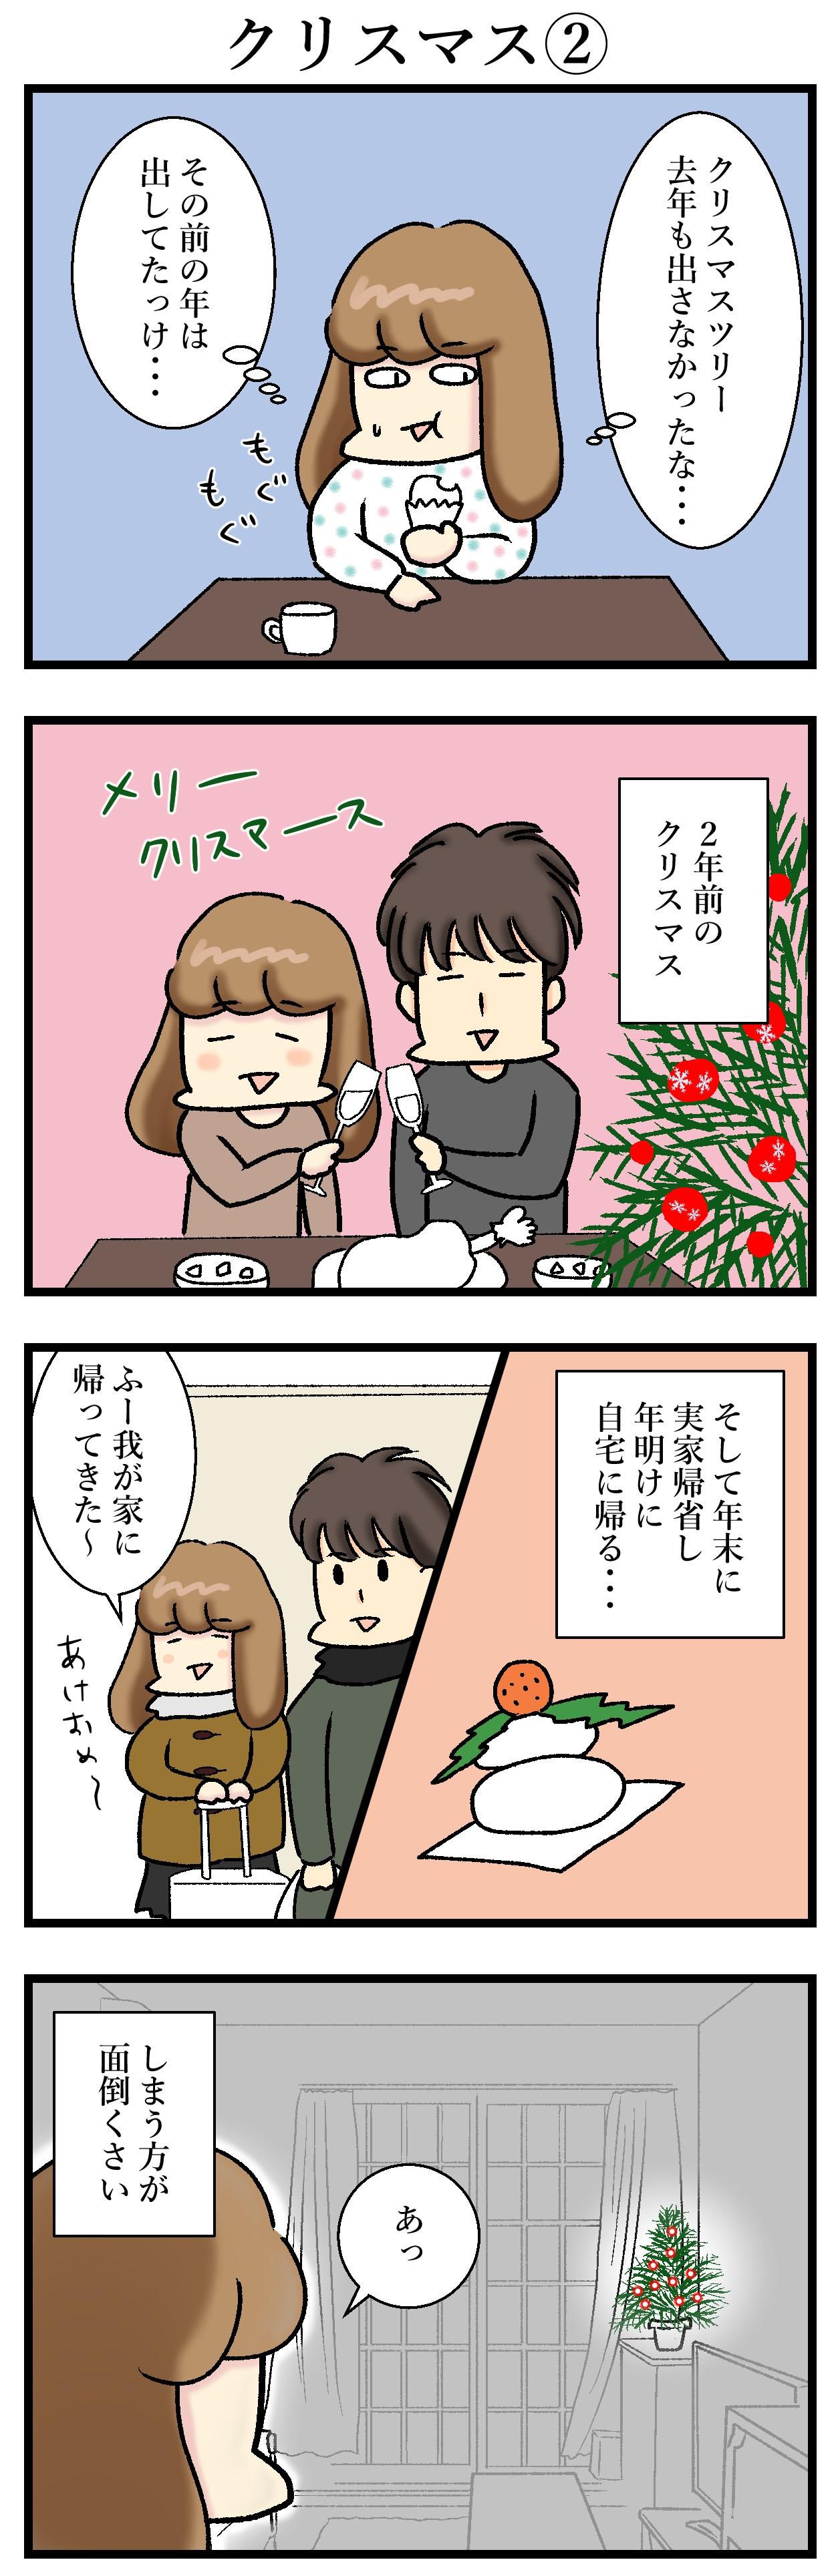 【エッセイ漫画】アラサー主婦くま子のふがいない日常(80)